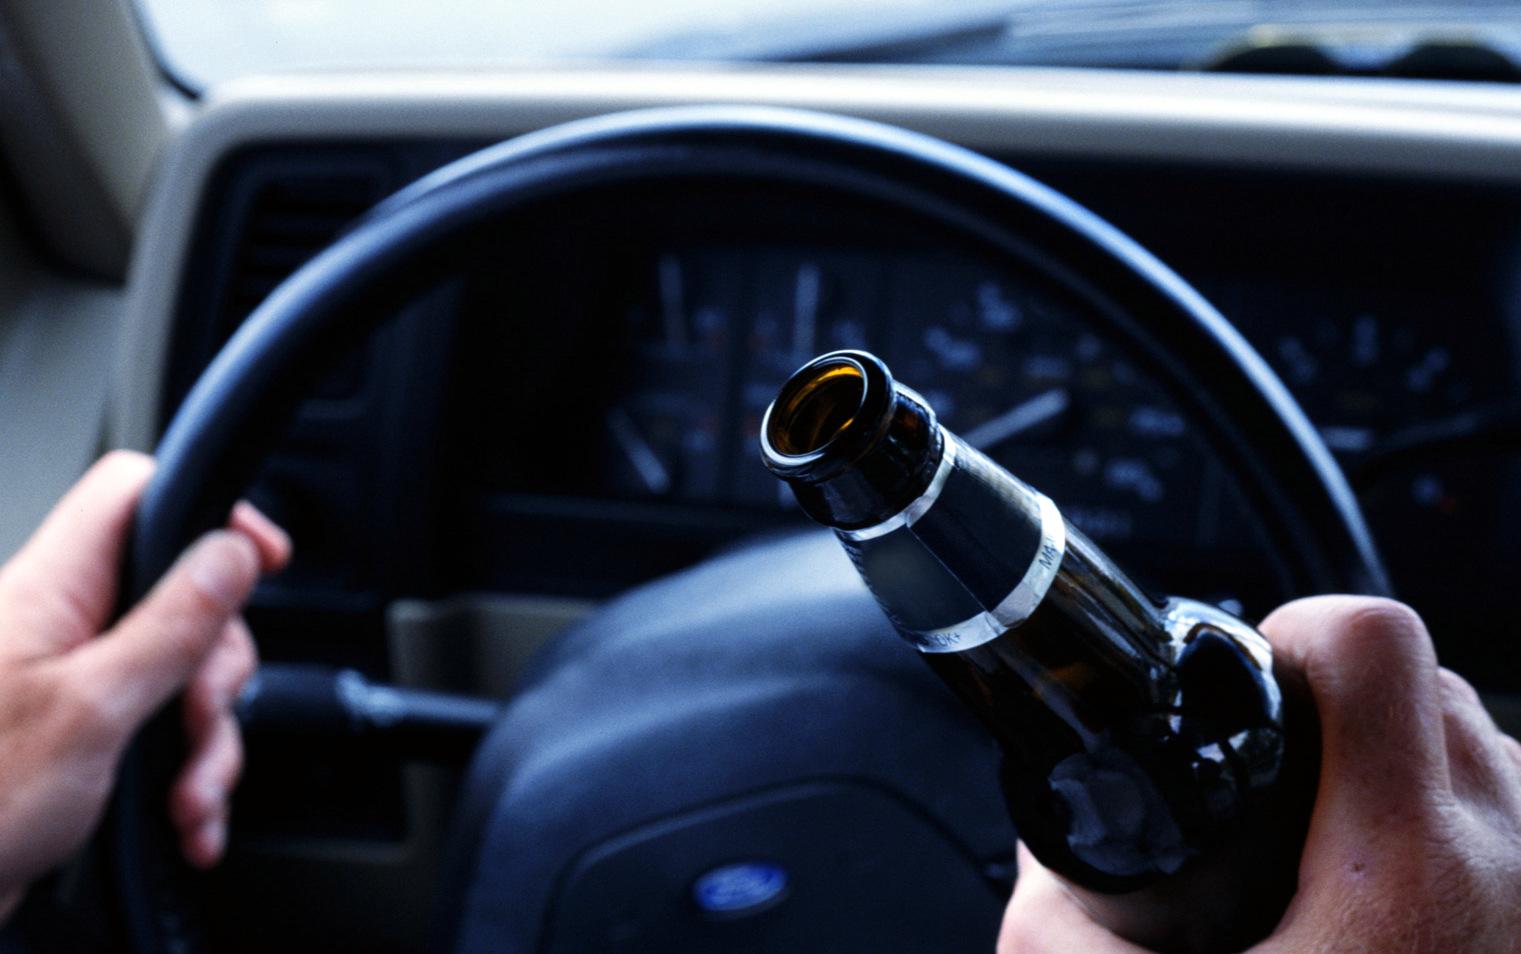 В Павлодаре за два дня задержали за рулем 11 пьяных водителей